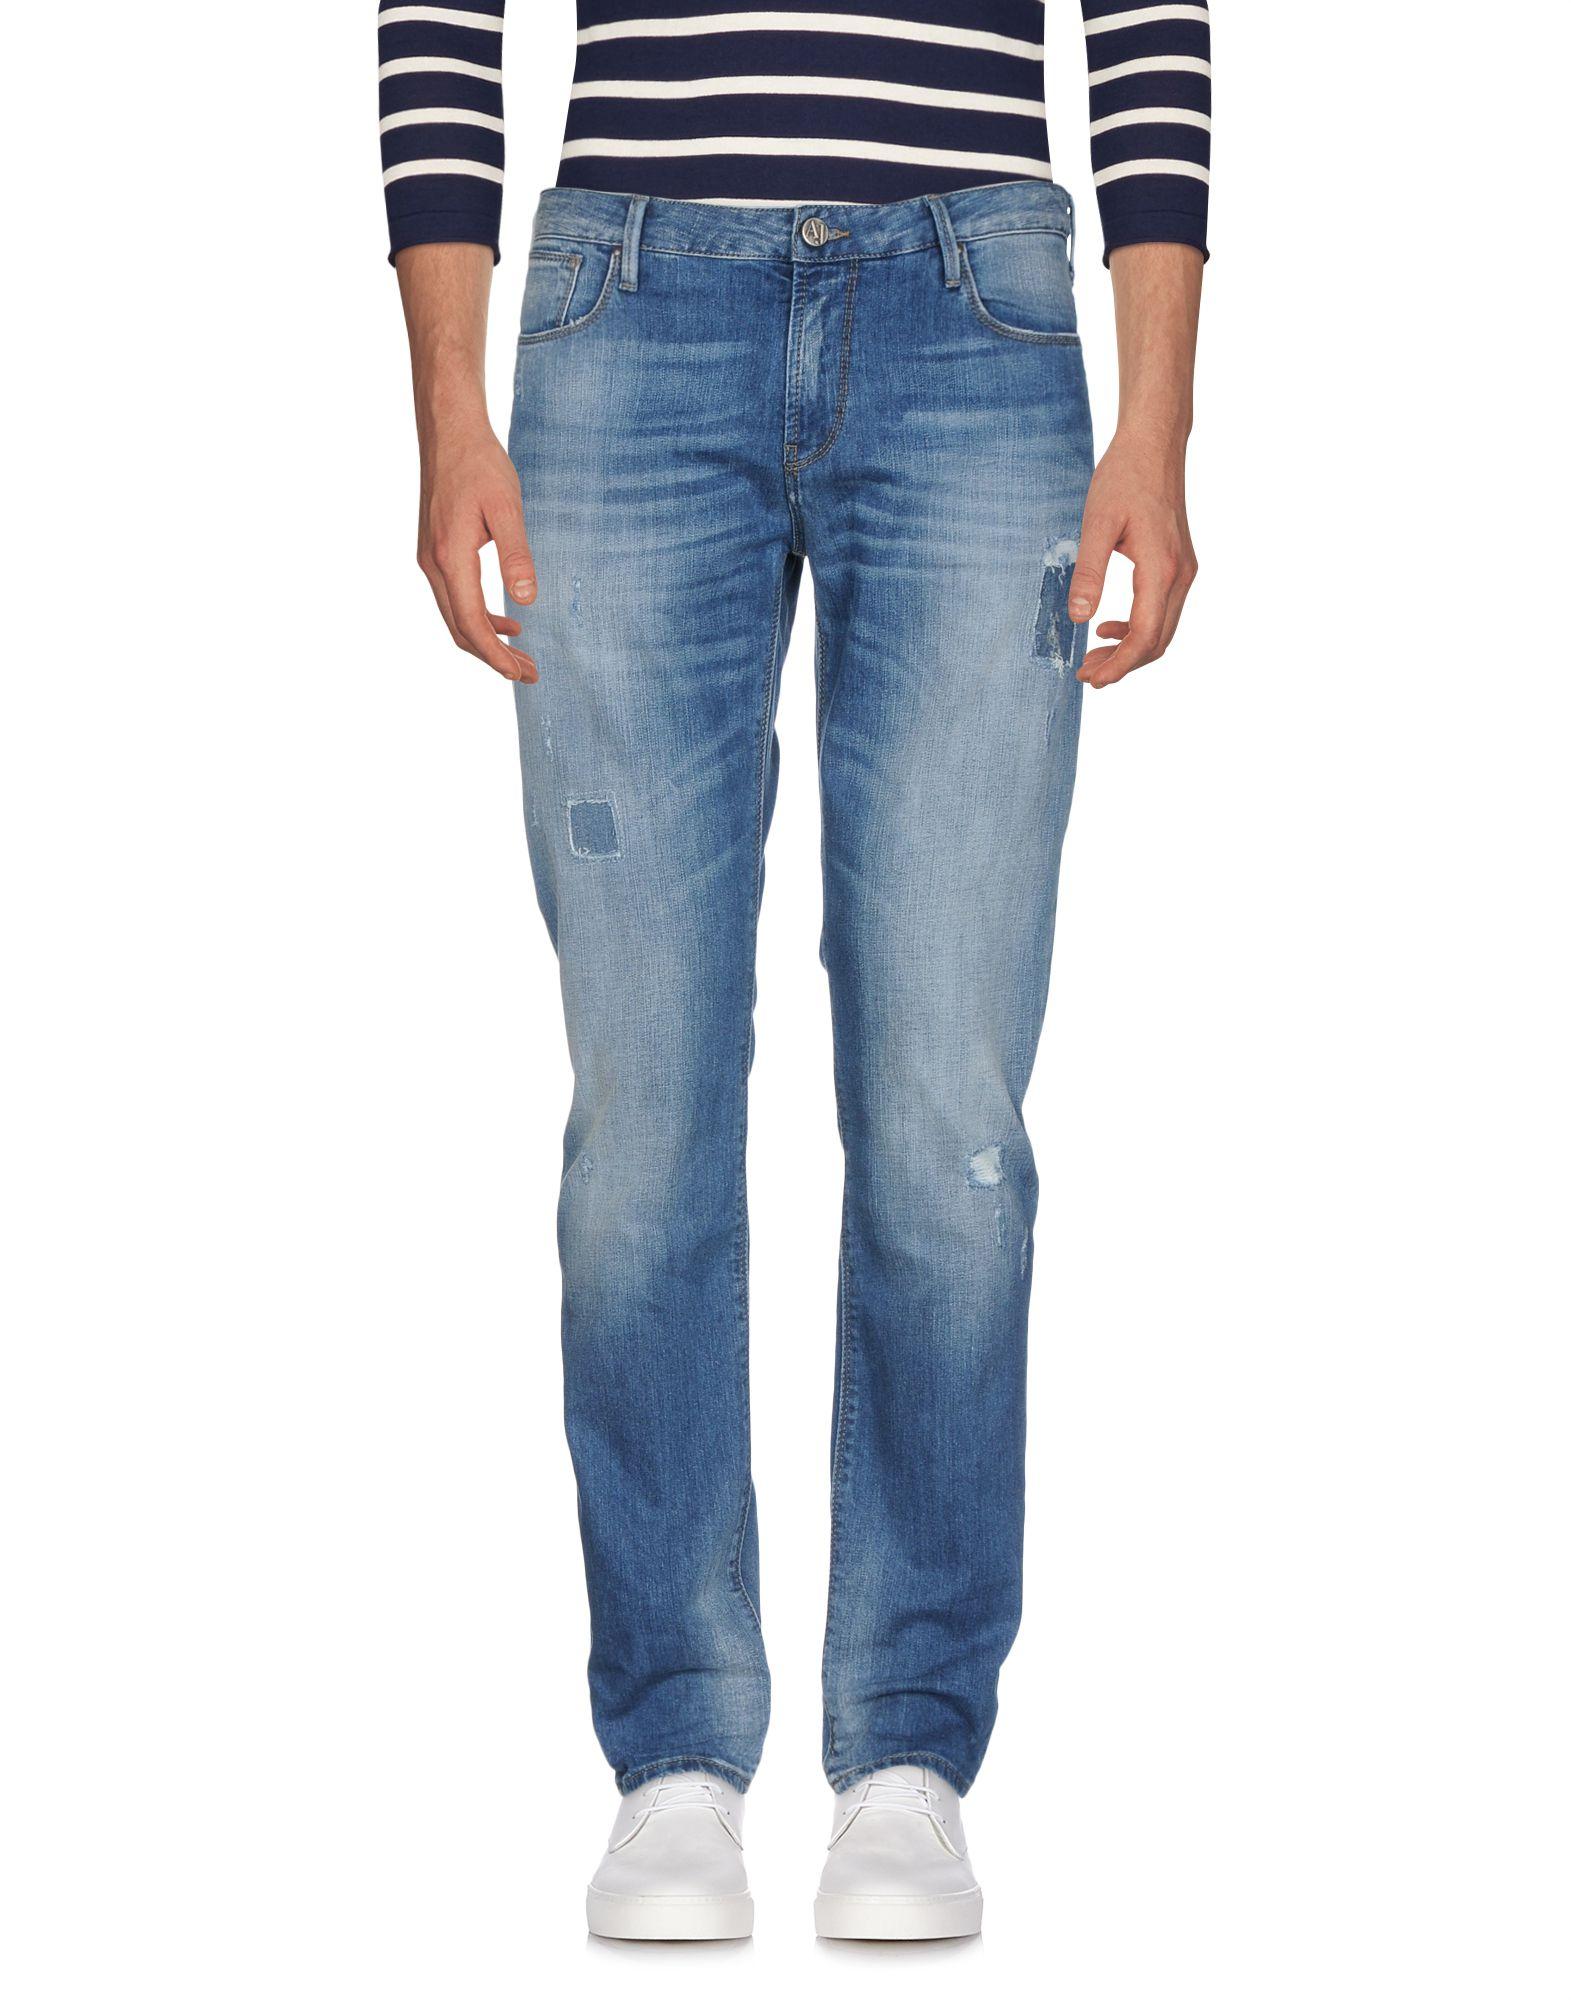 《送料無料》ARMANI JEANS メンズ ジーンズ ブルー 38W-30L コットン 98% / ポリウレタン 2%